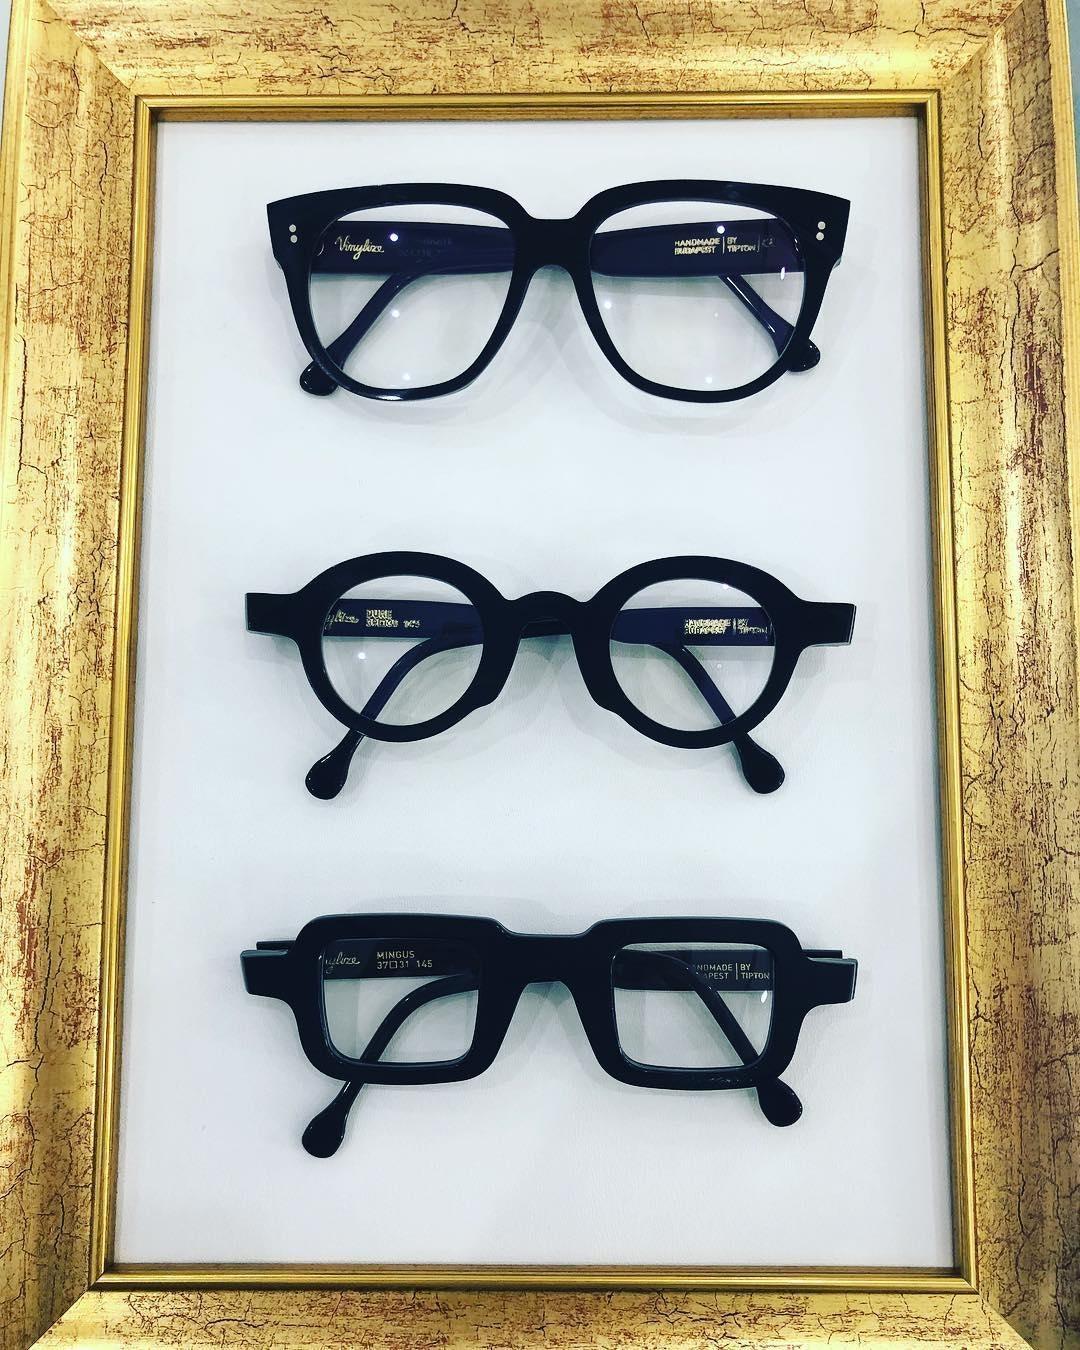 Tipton Eyeworks